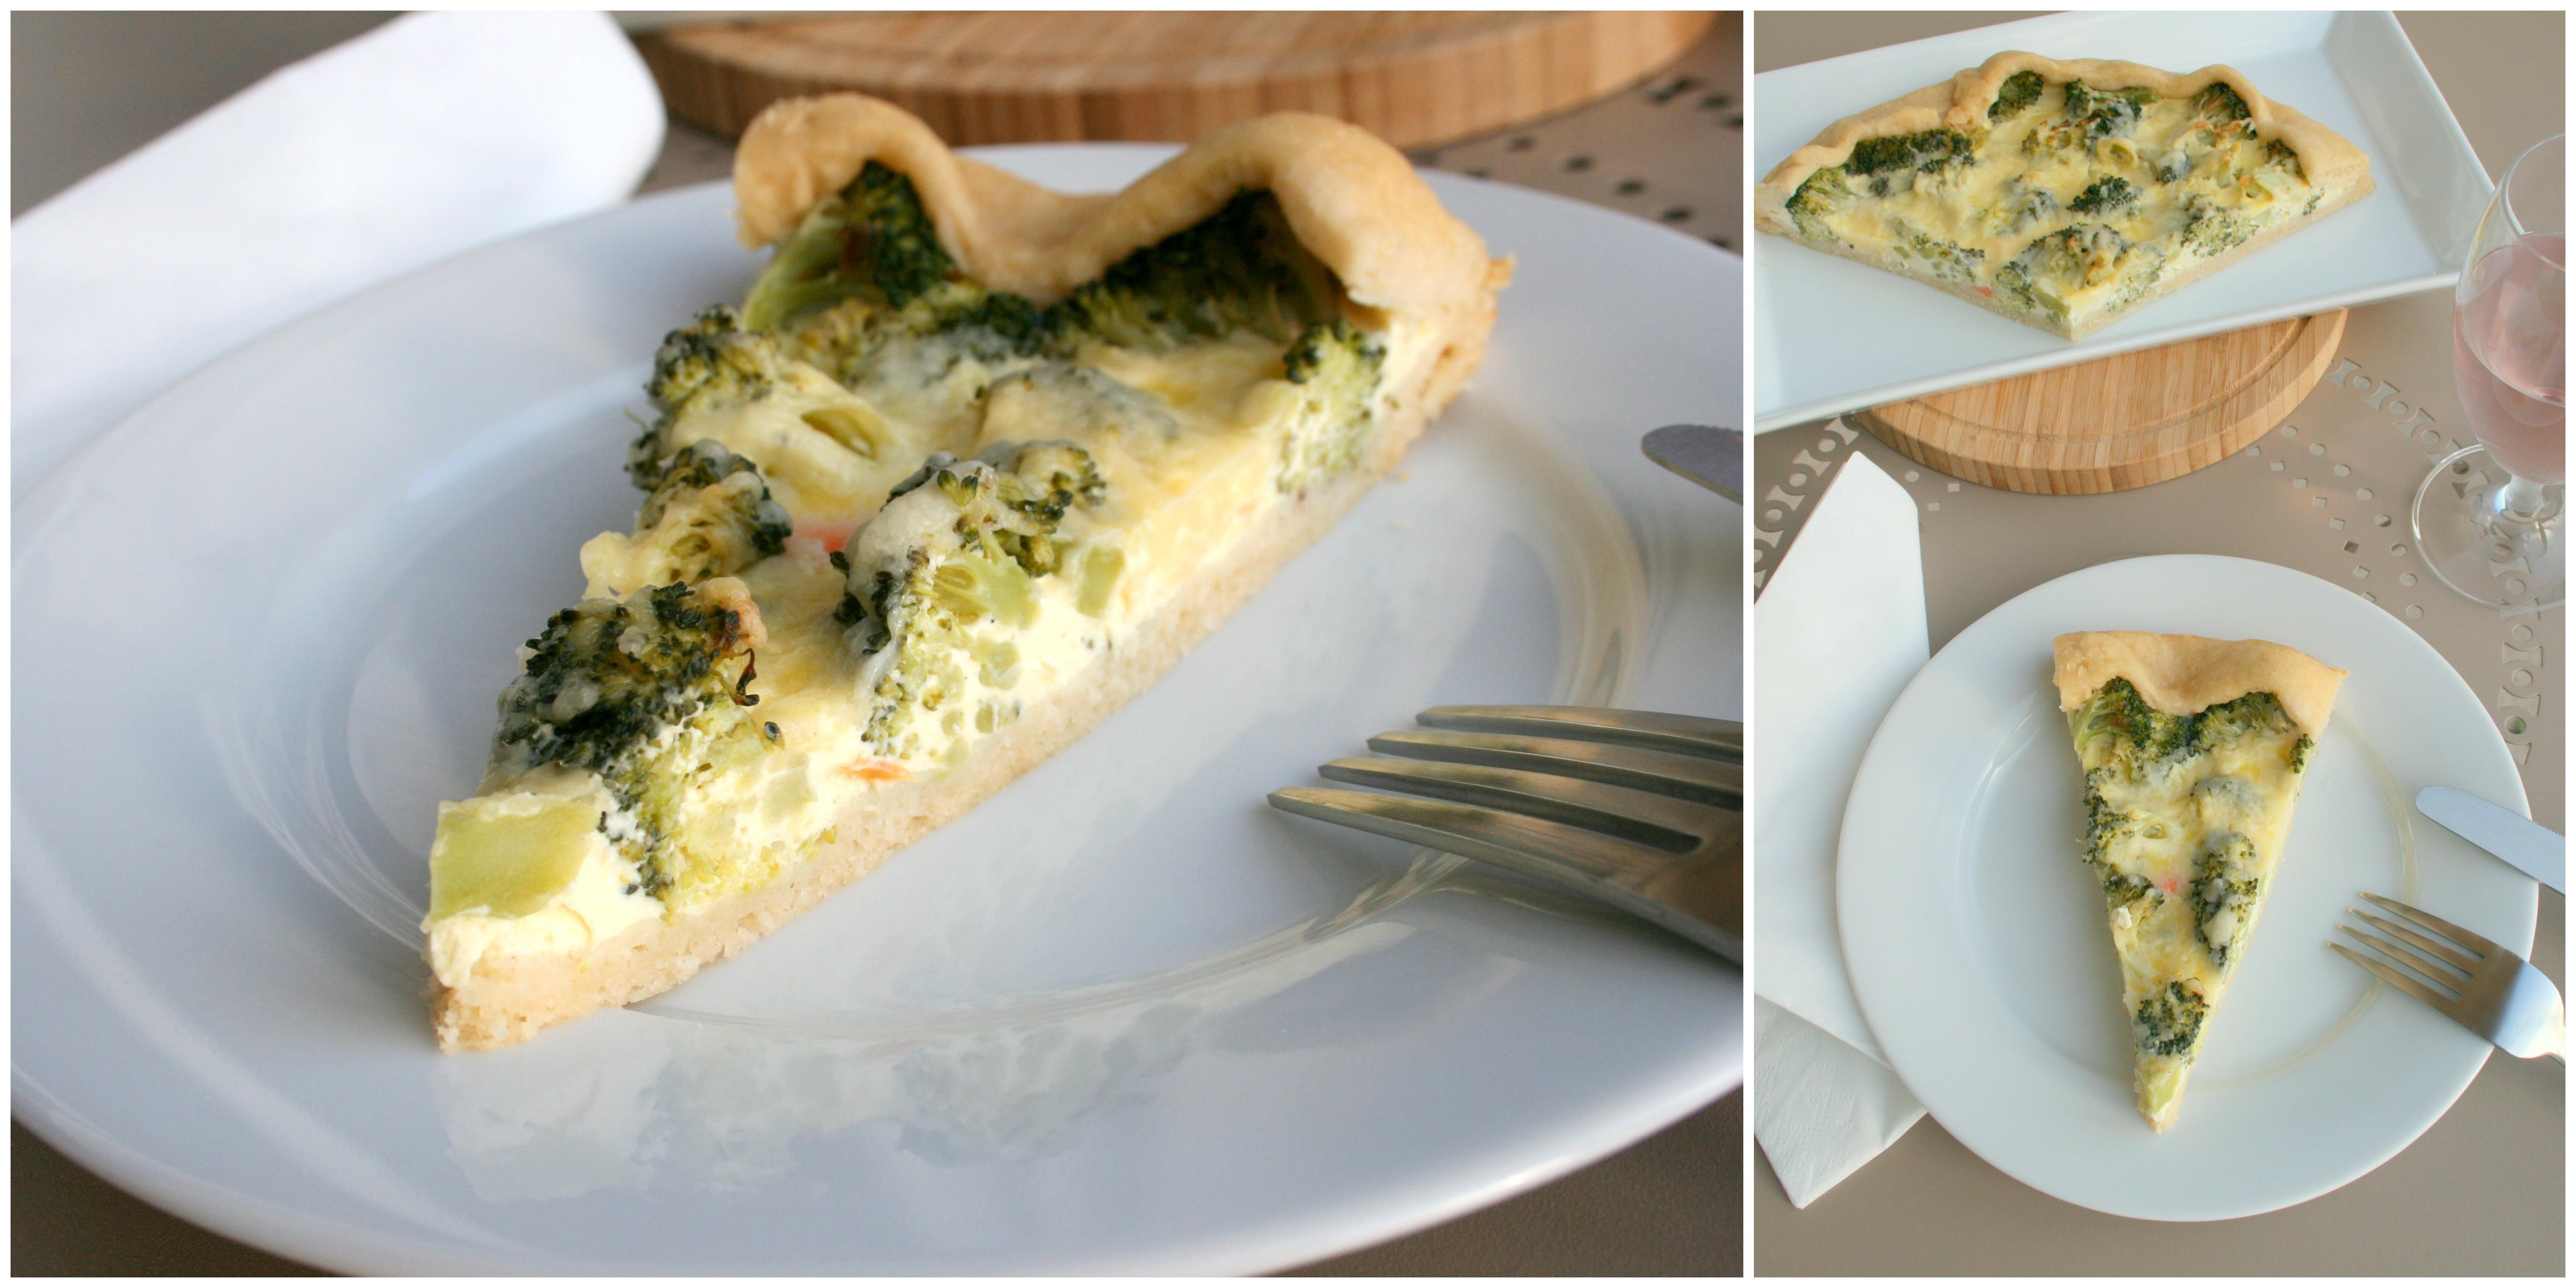 Broccoli Quiche Mit Quark öl Teig Naschkatze